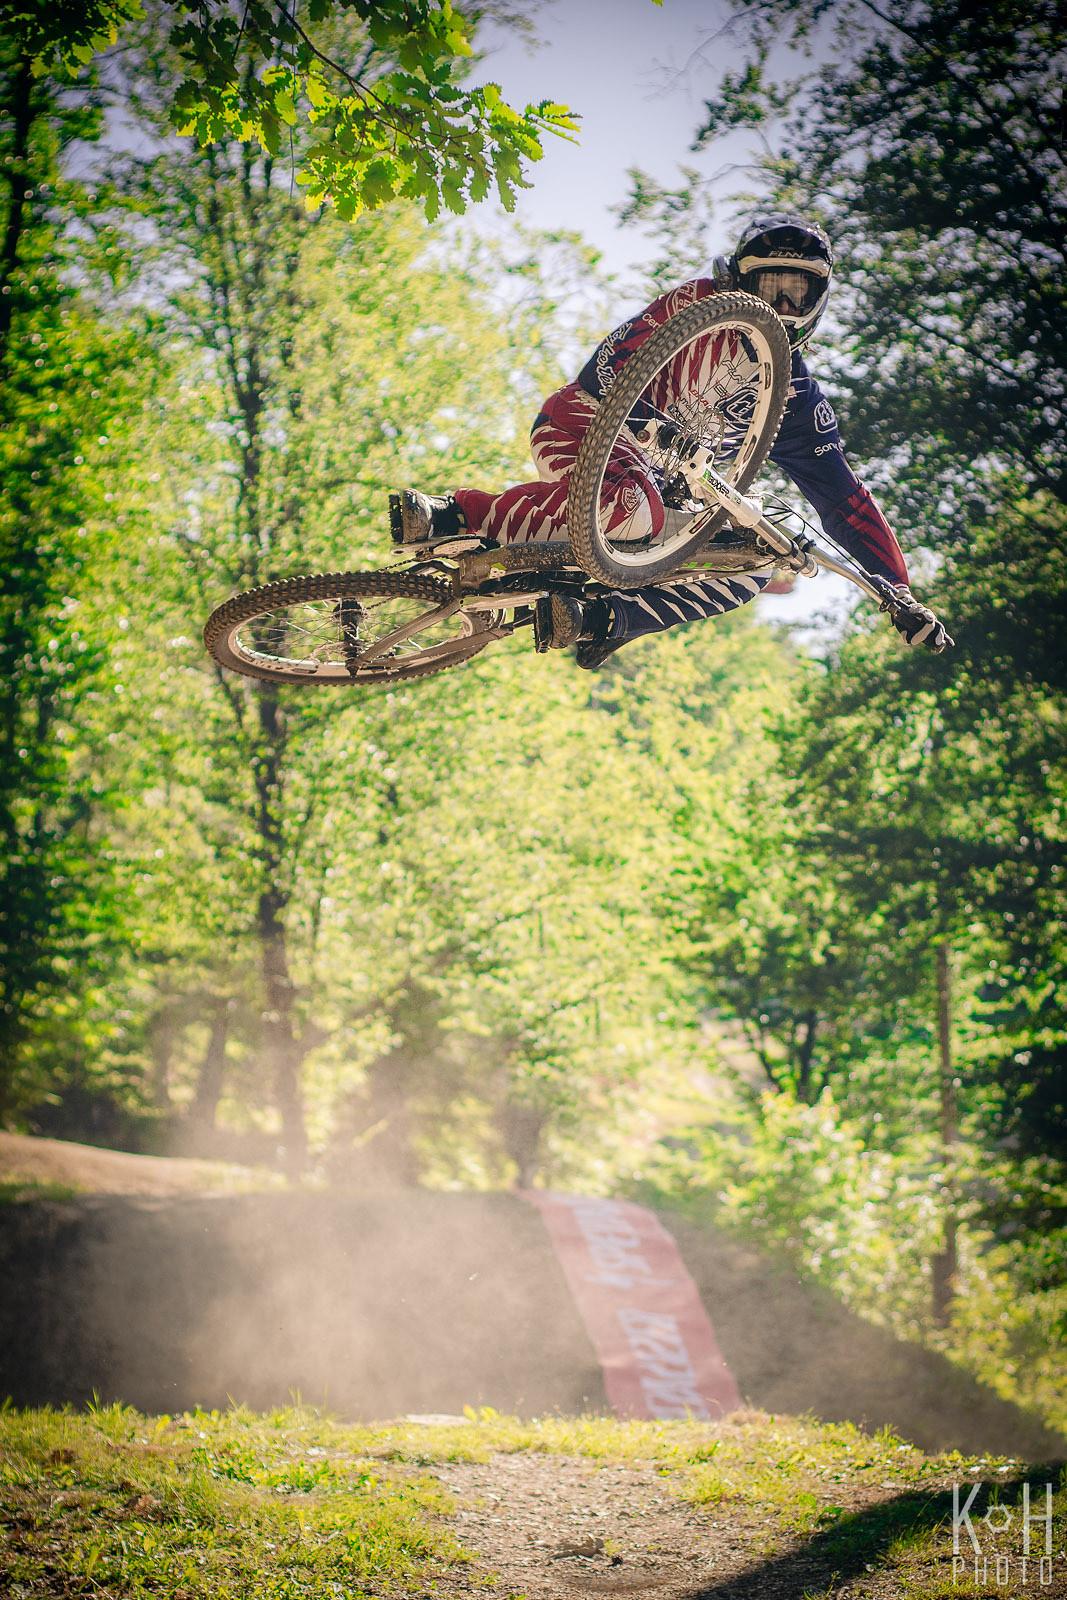 Kristjan Vreček whipping - KlemenHumar - Mountain Biking Pictures - Vital MTB